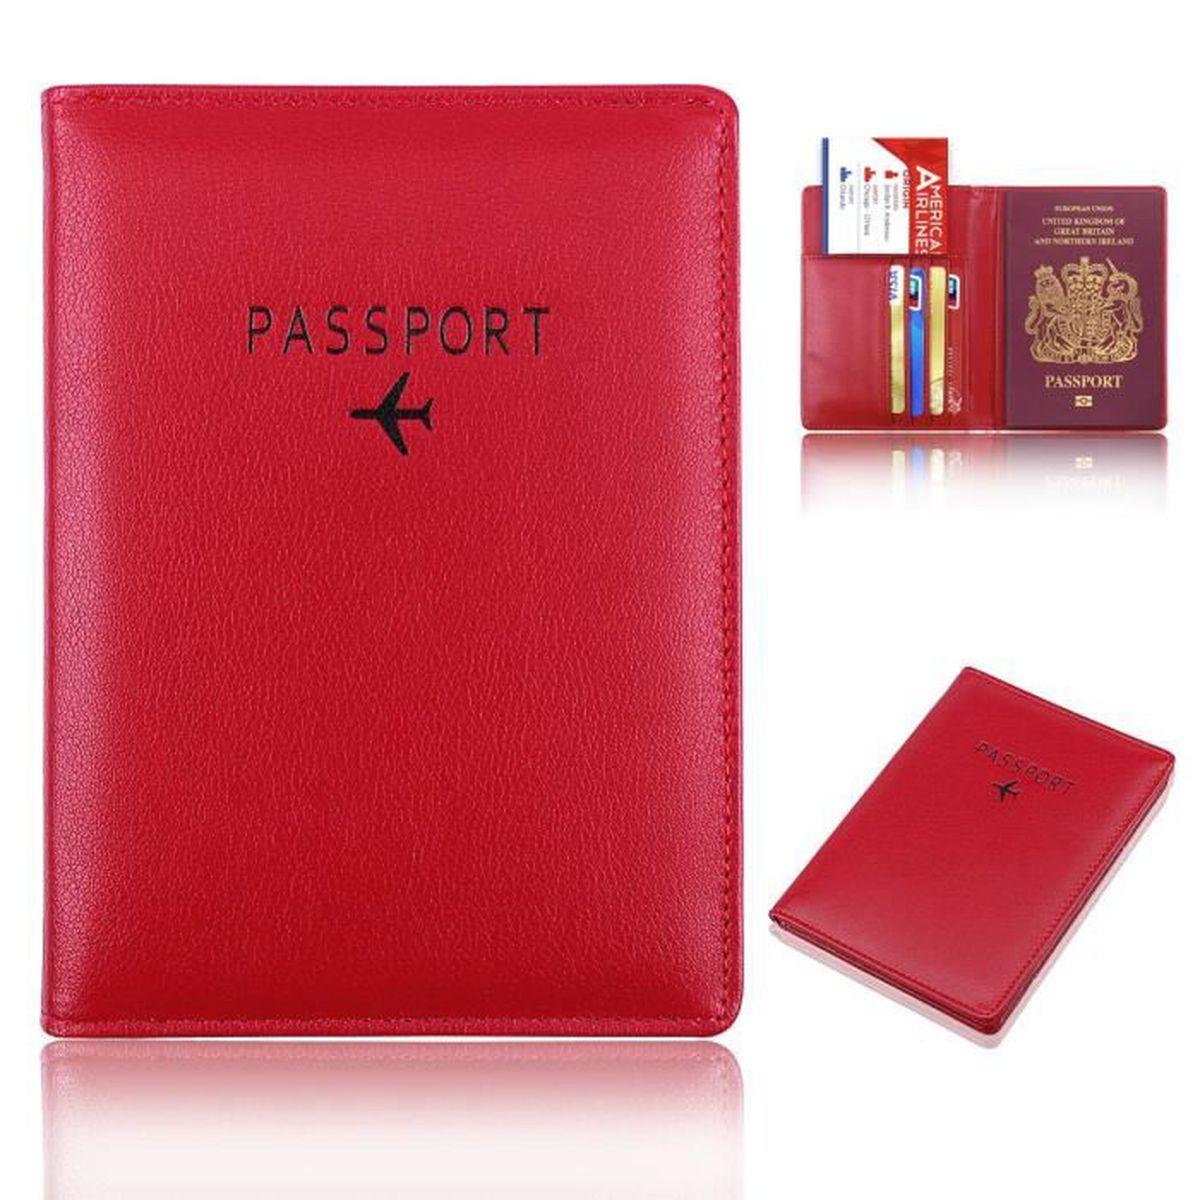 R Porte-passeport Organisateur Housse etui Protege-passeports Portefeuilles Passport Holder Vigne De Fleur-Cafe SODIAL